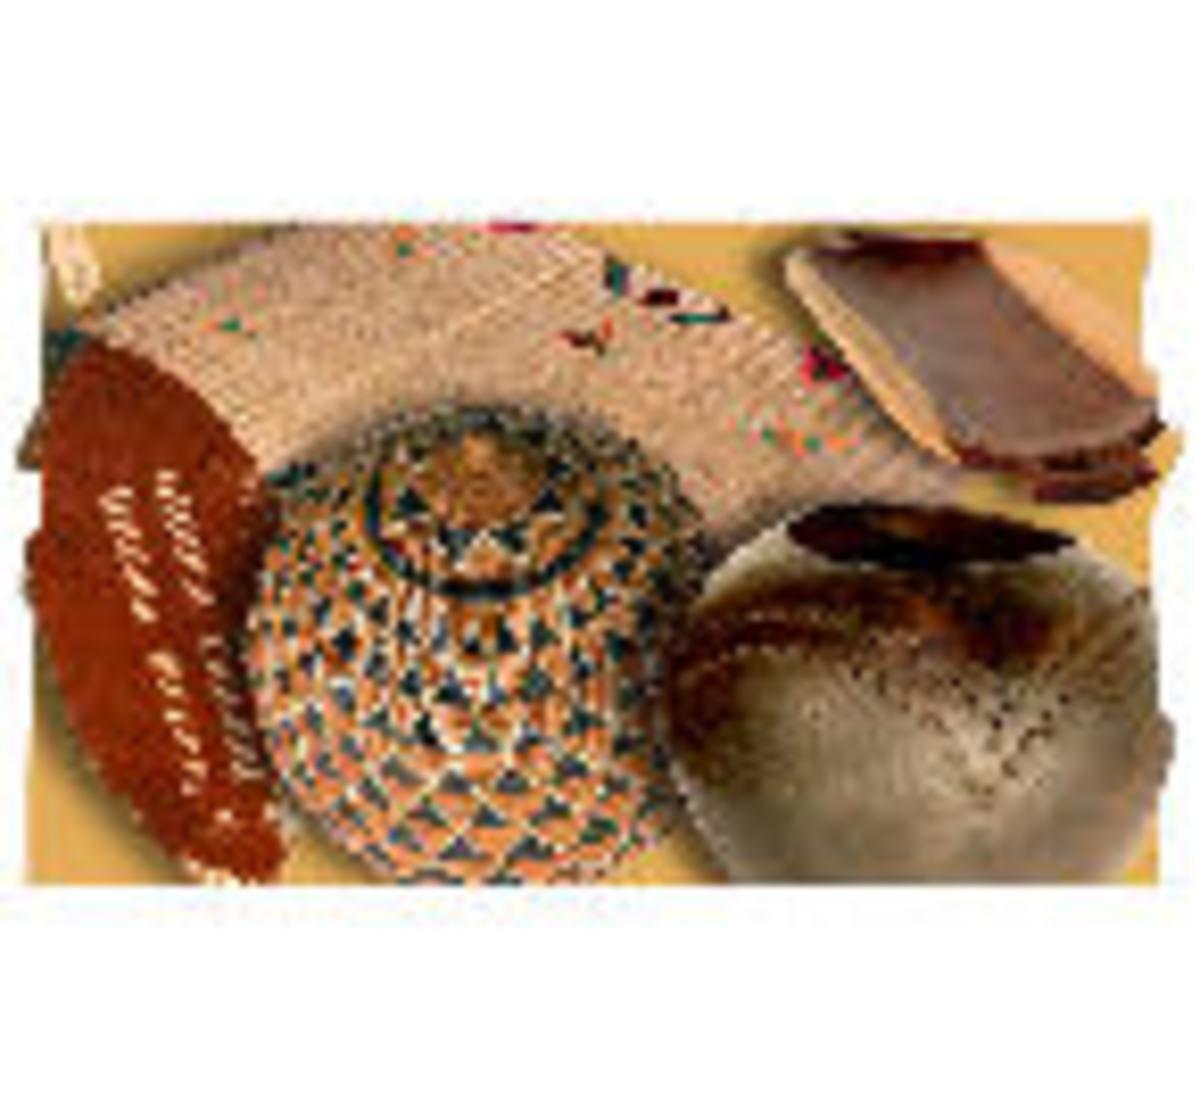 Zulu ceramics, arts and other crafts